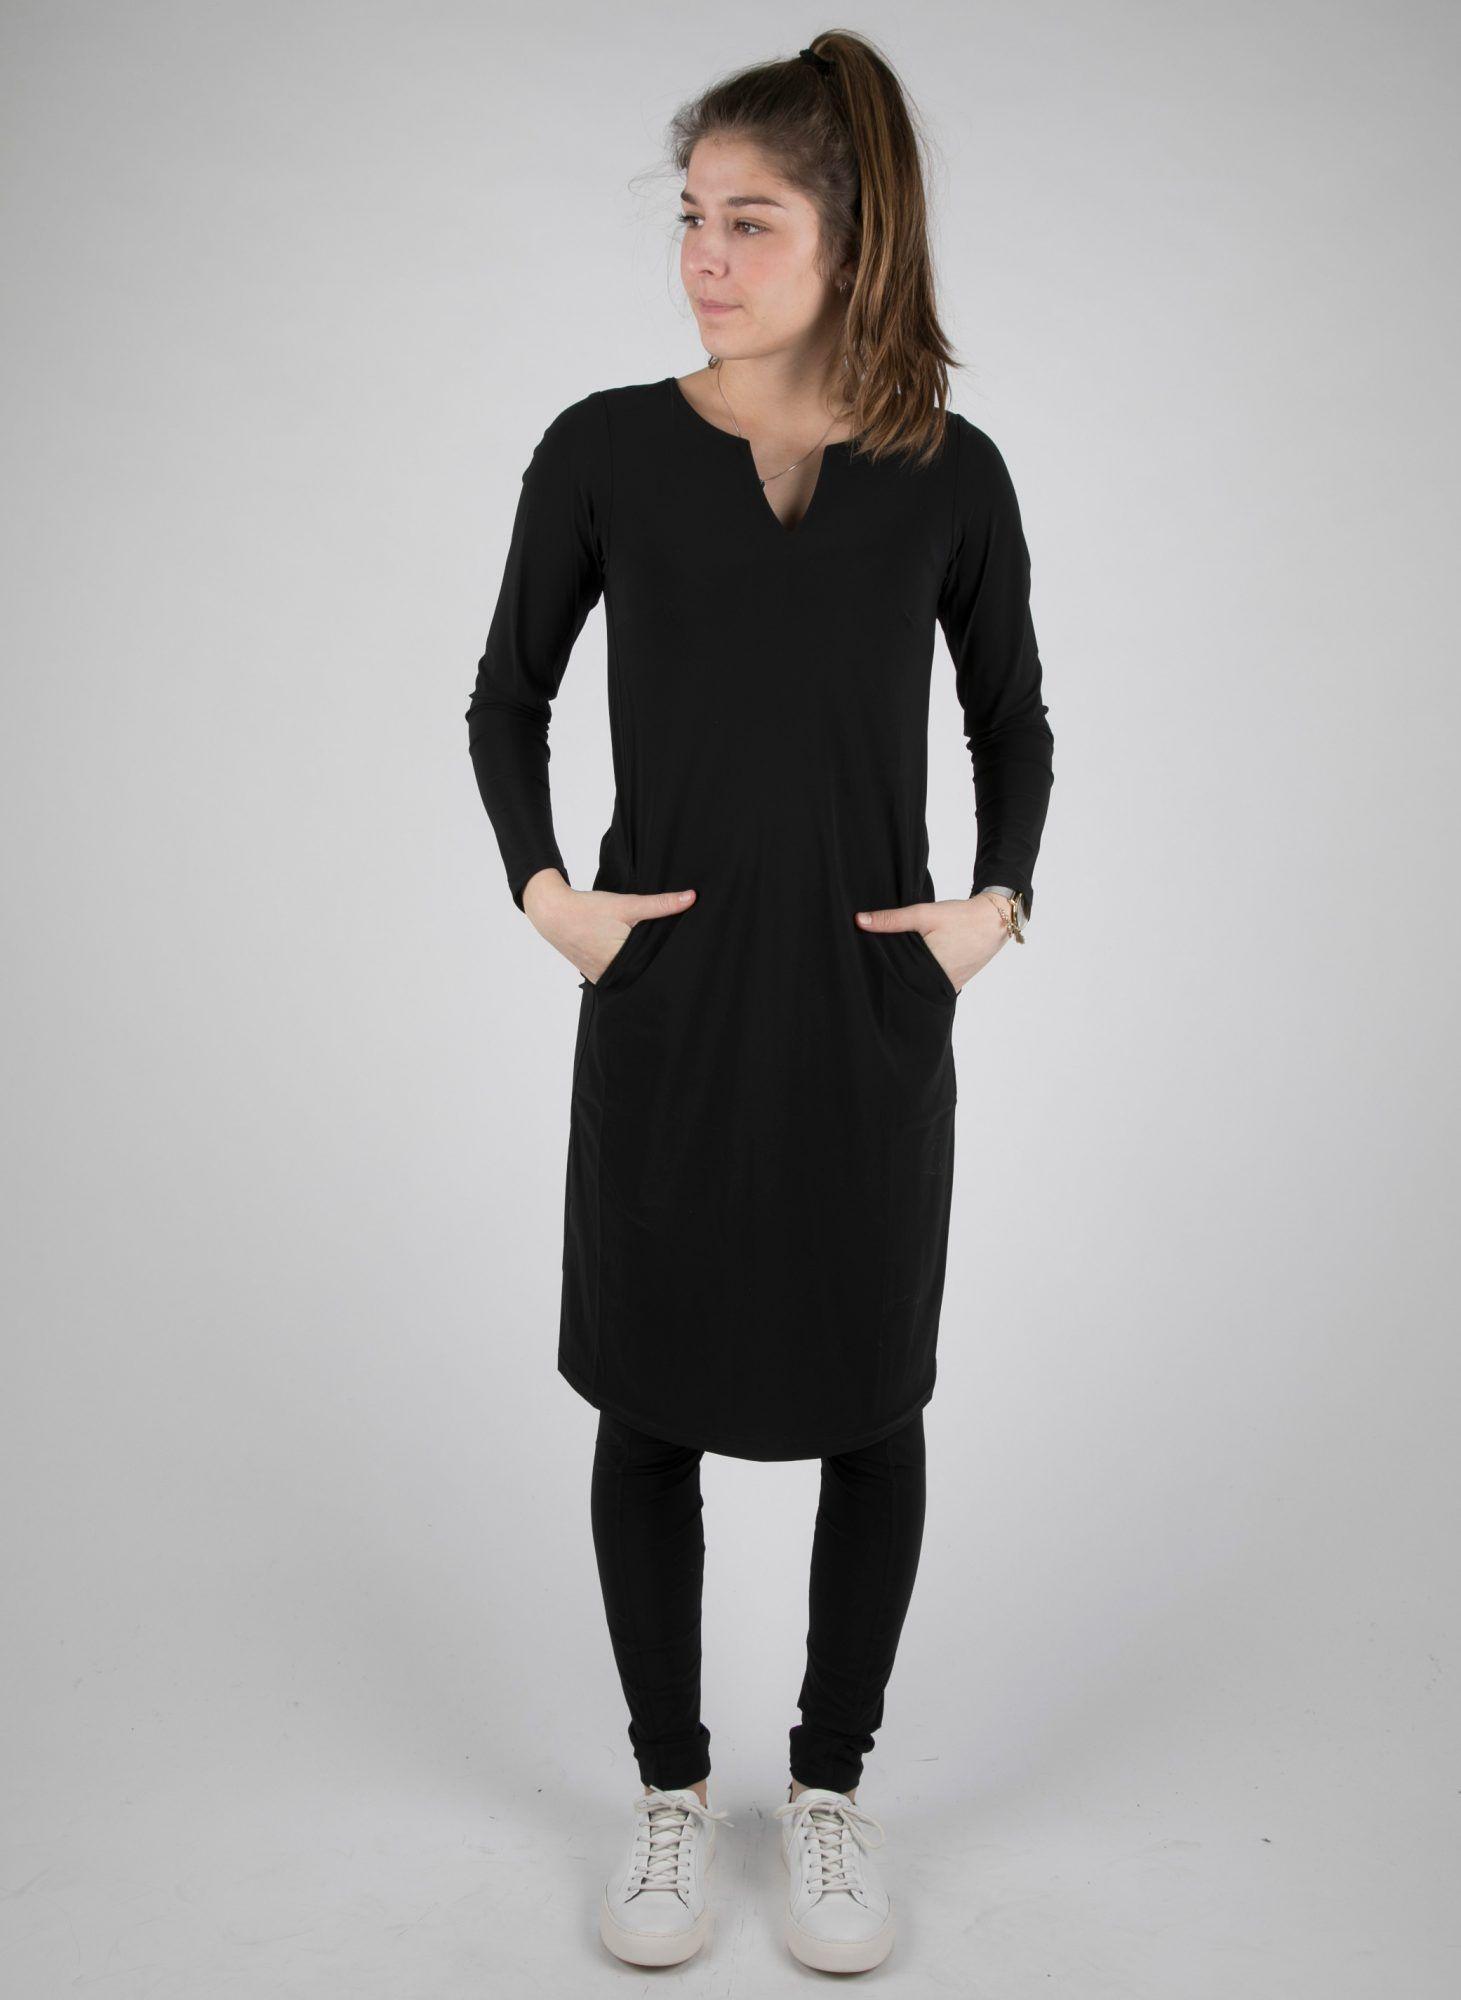 Zwart Recht Jurkje.The Perfect Black Dress Een Item Die Je Niet Kunt Missen In Je